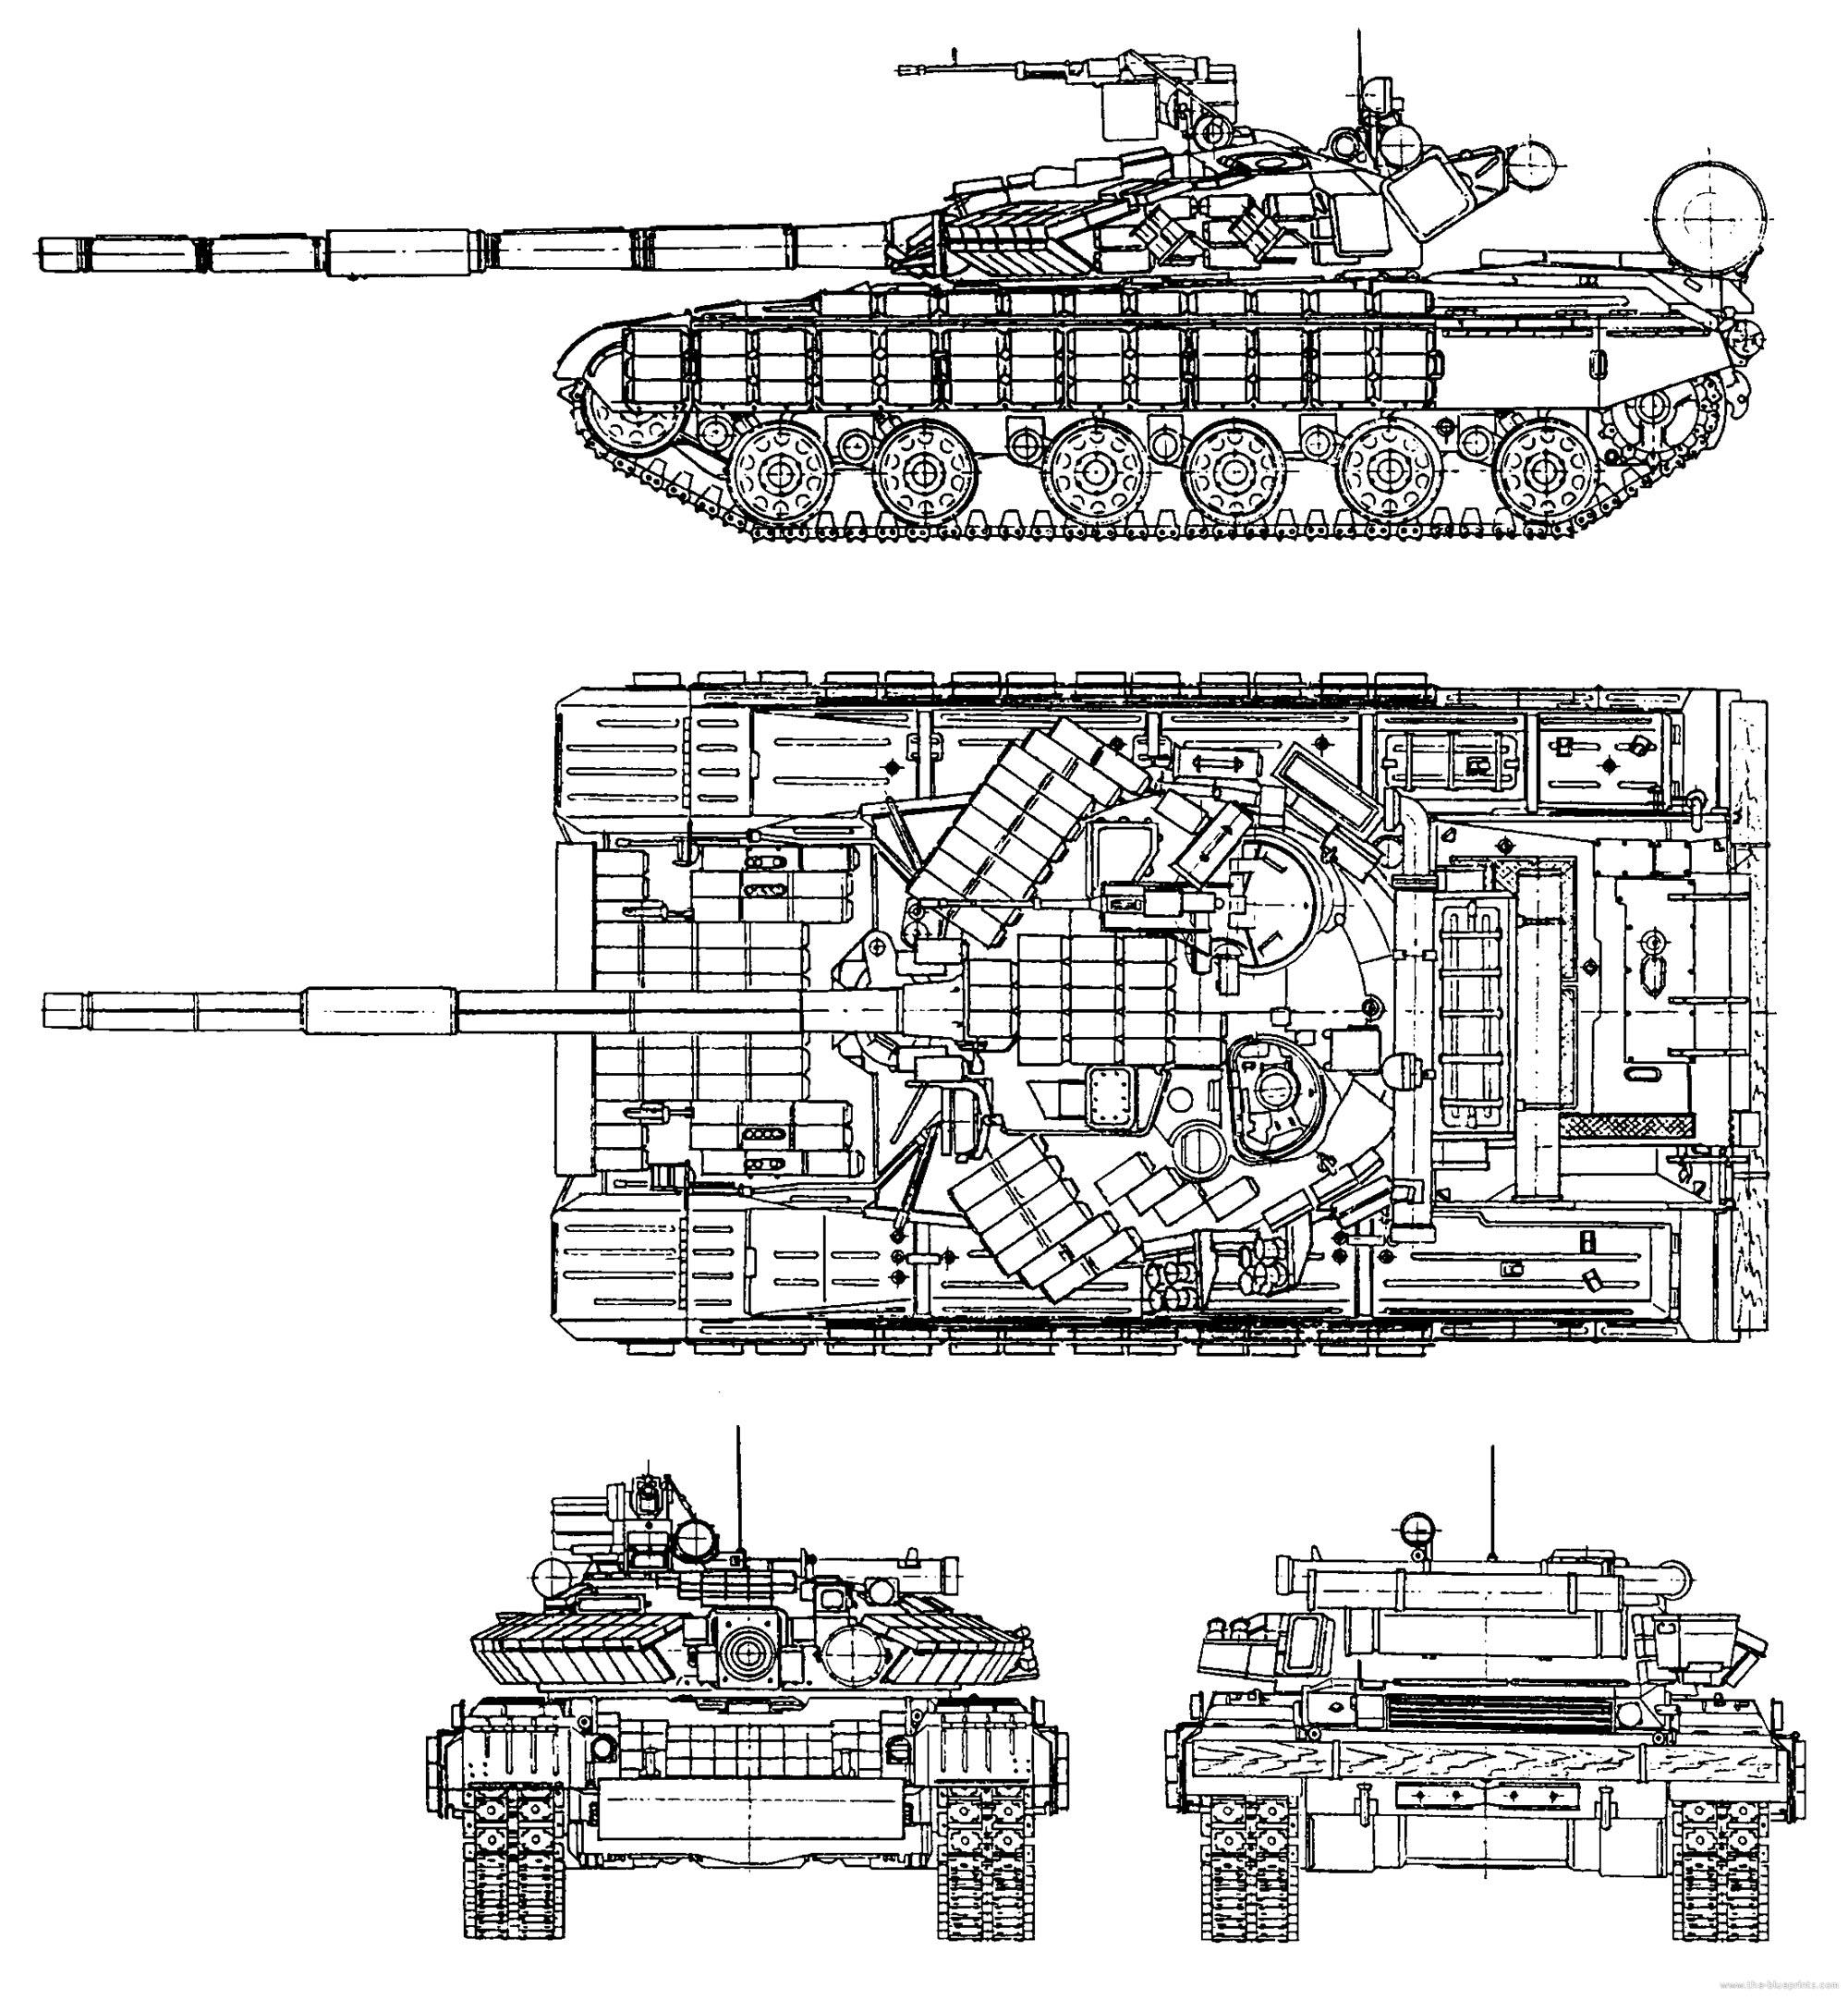 Чертеж основного боевого танка Т-64